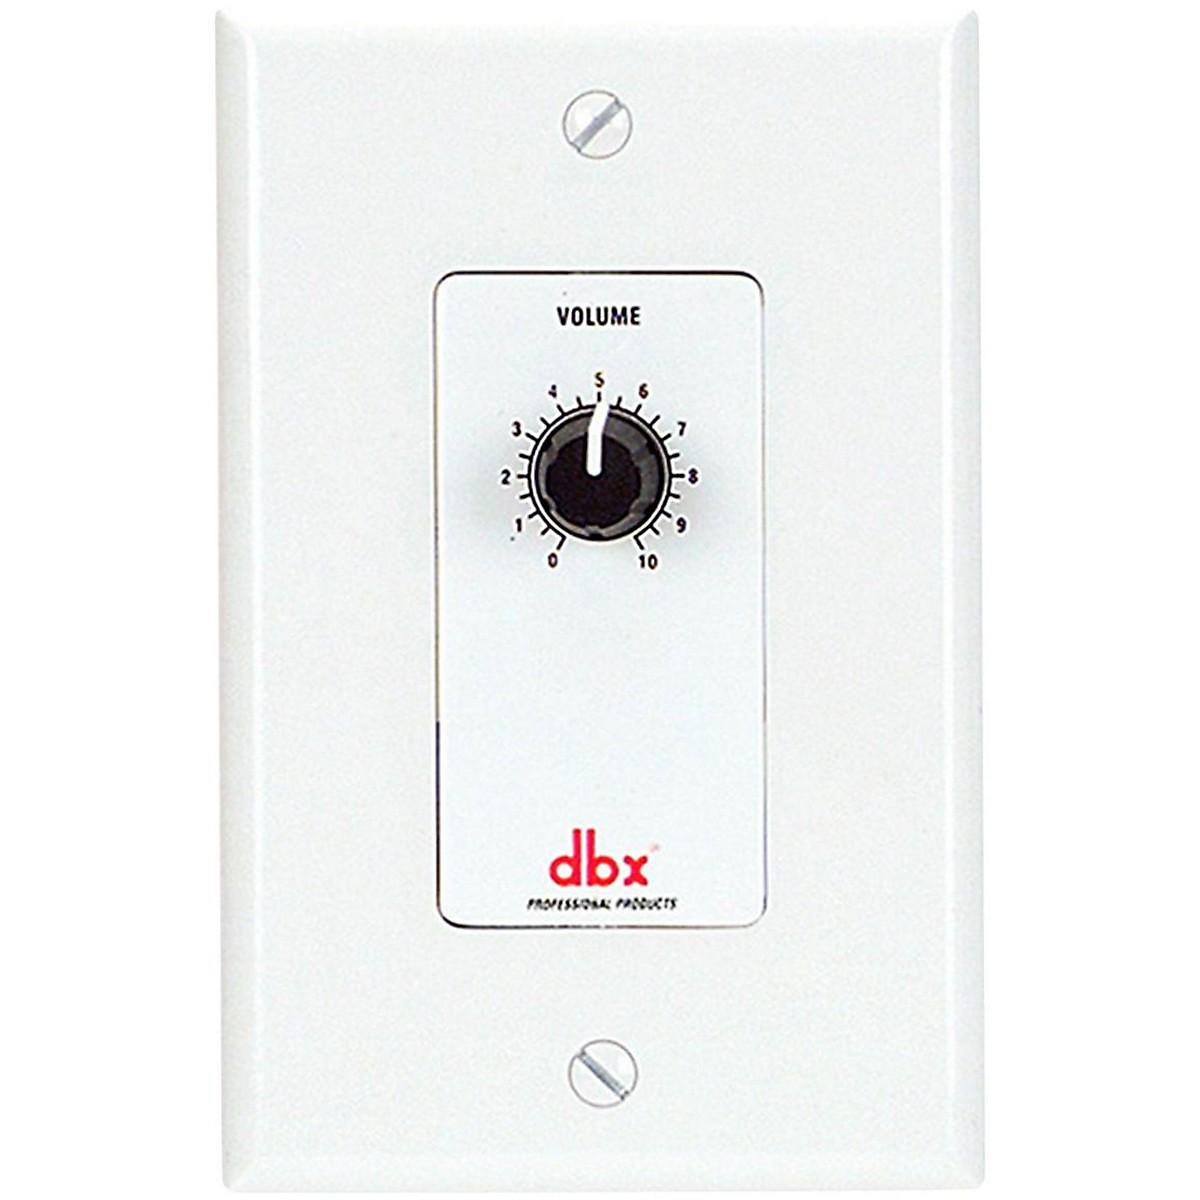 dbx DBXZC1V Wall Mount Zone Control